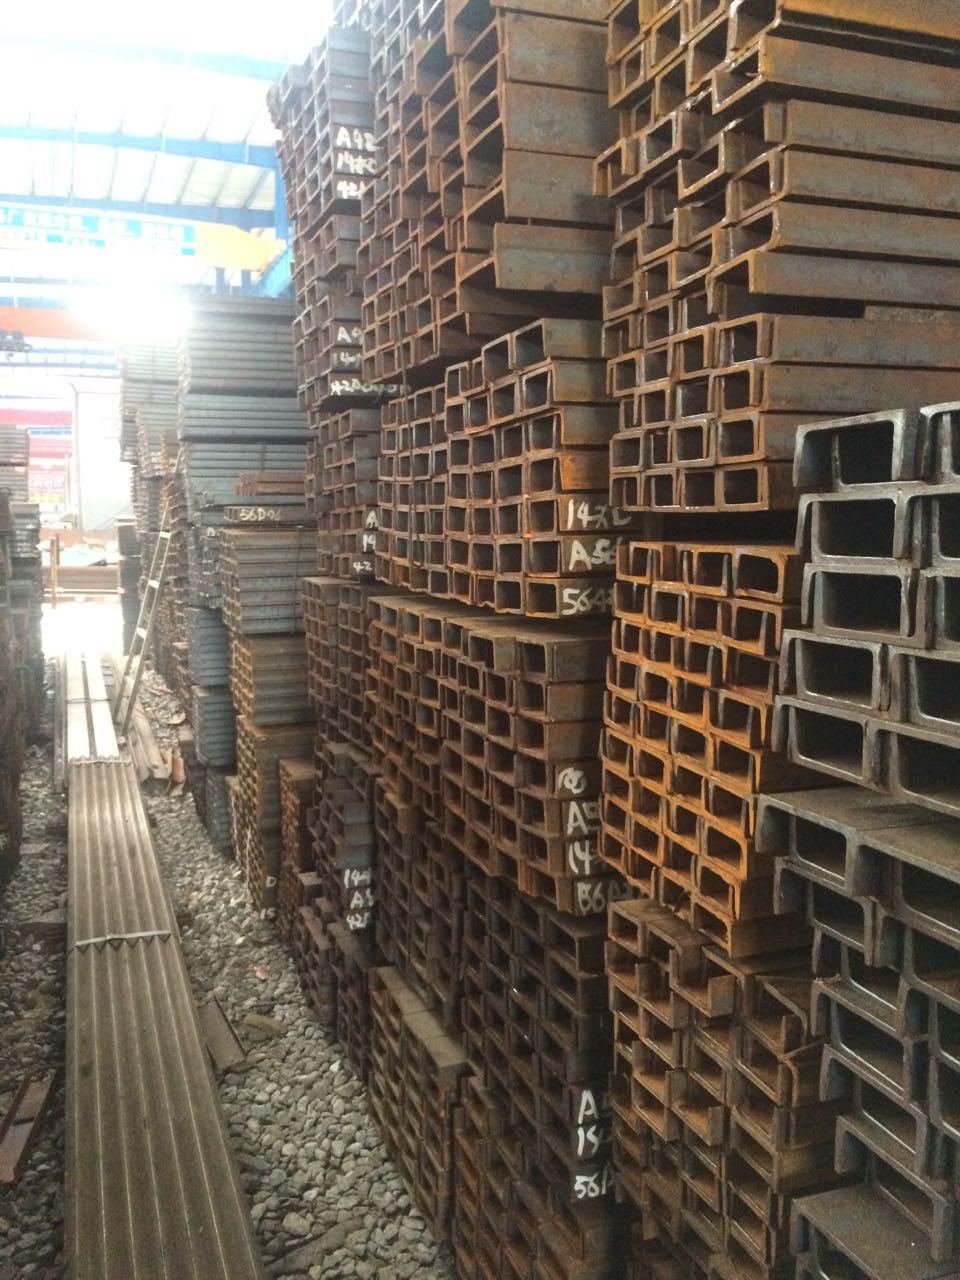 来自何文锋发布的供应信息:我公司专业销售角钢、槽钢、工字钢和H型钢... - 佛山市万添贸易有限公司